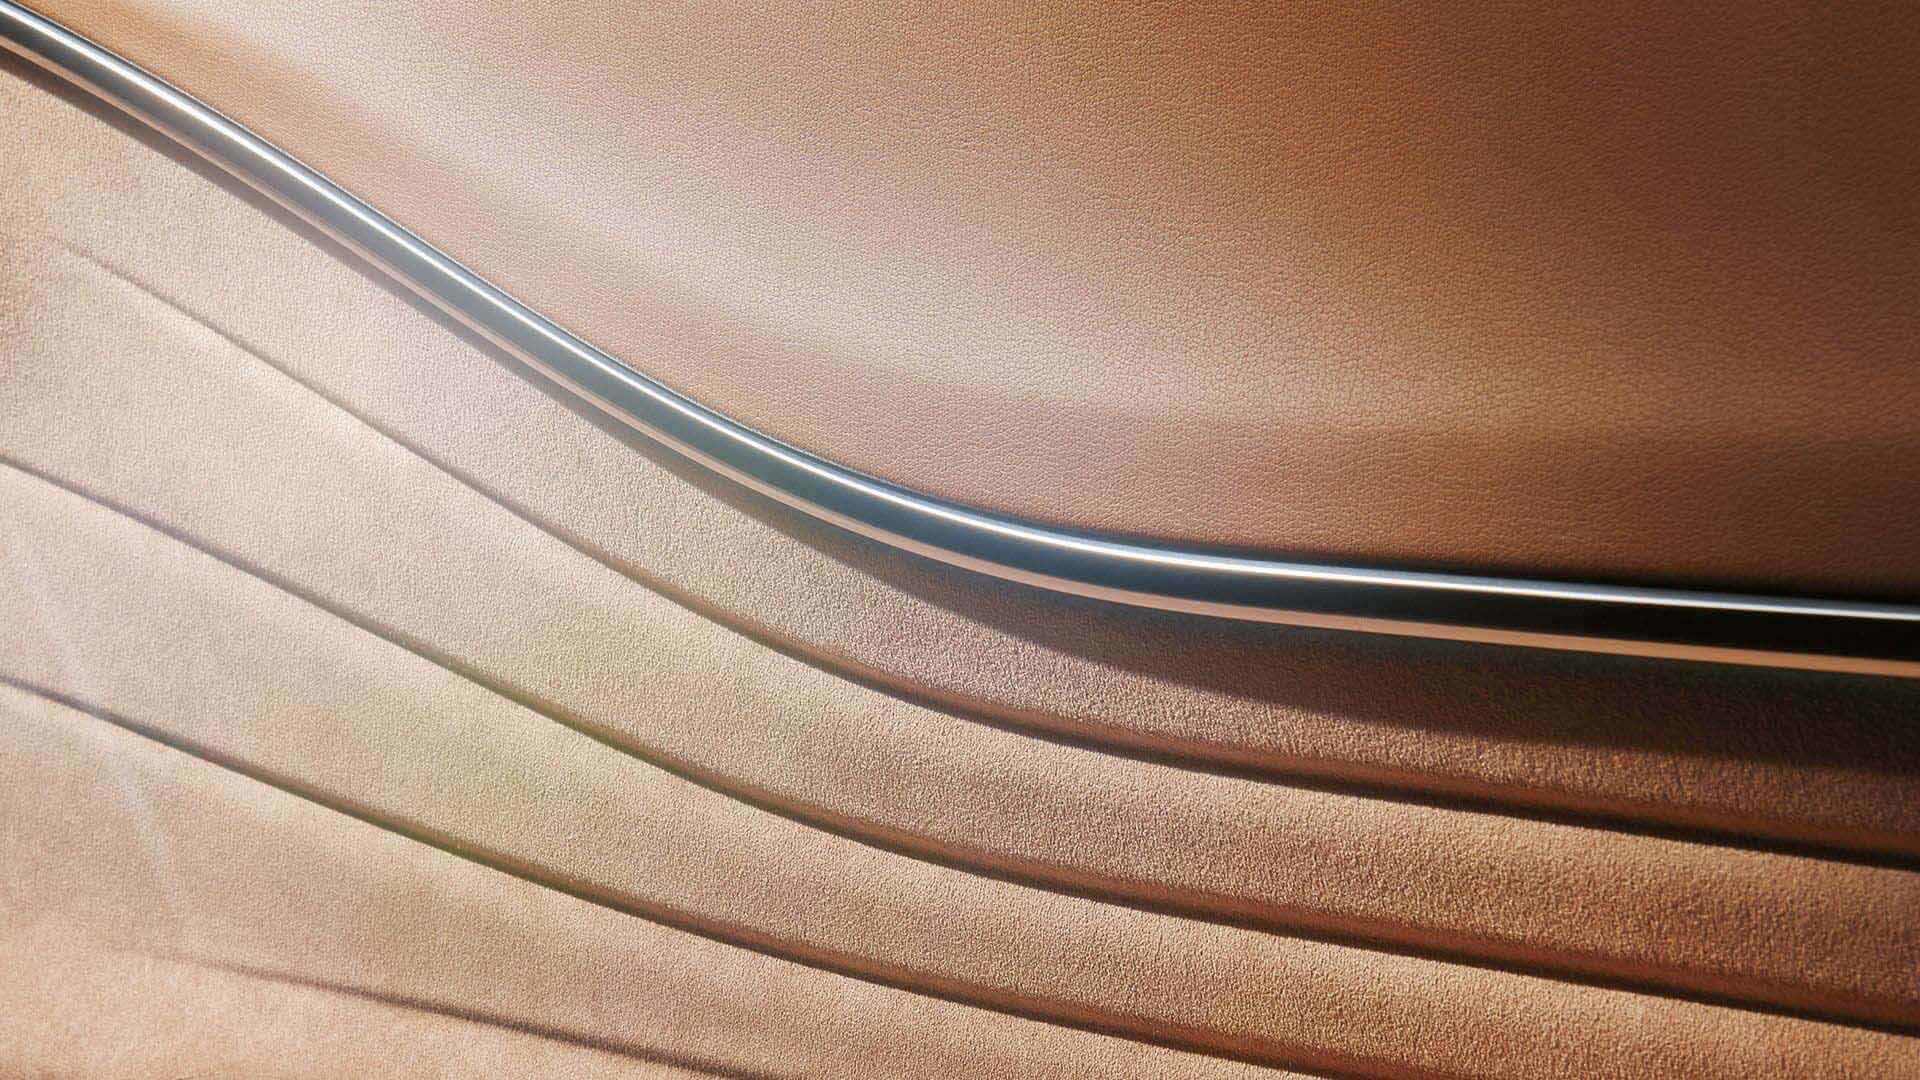 2017 lexus lc features door trim